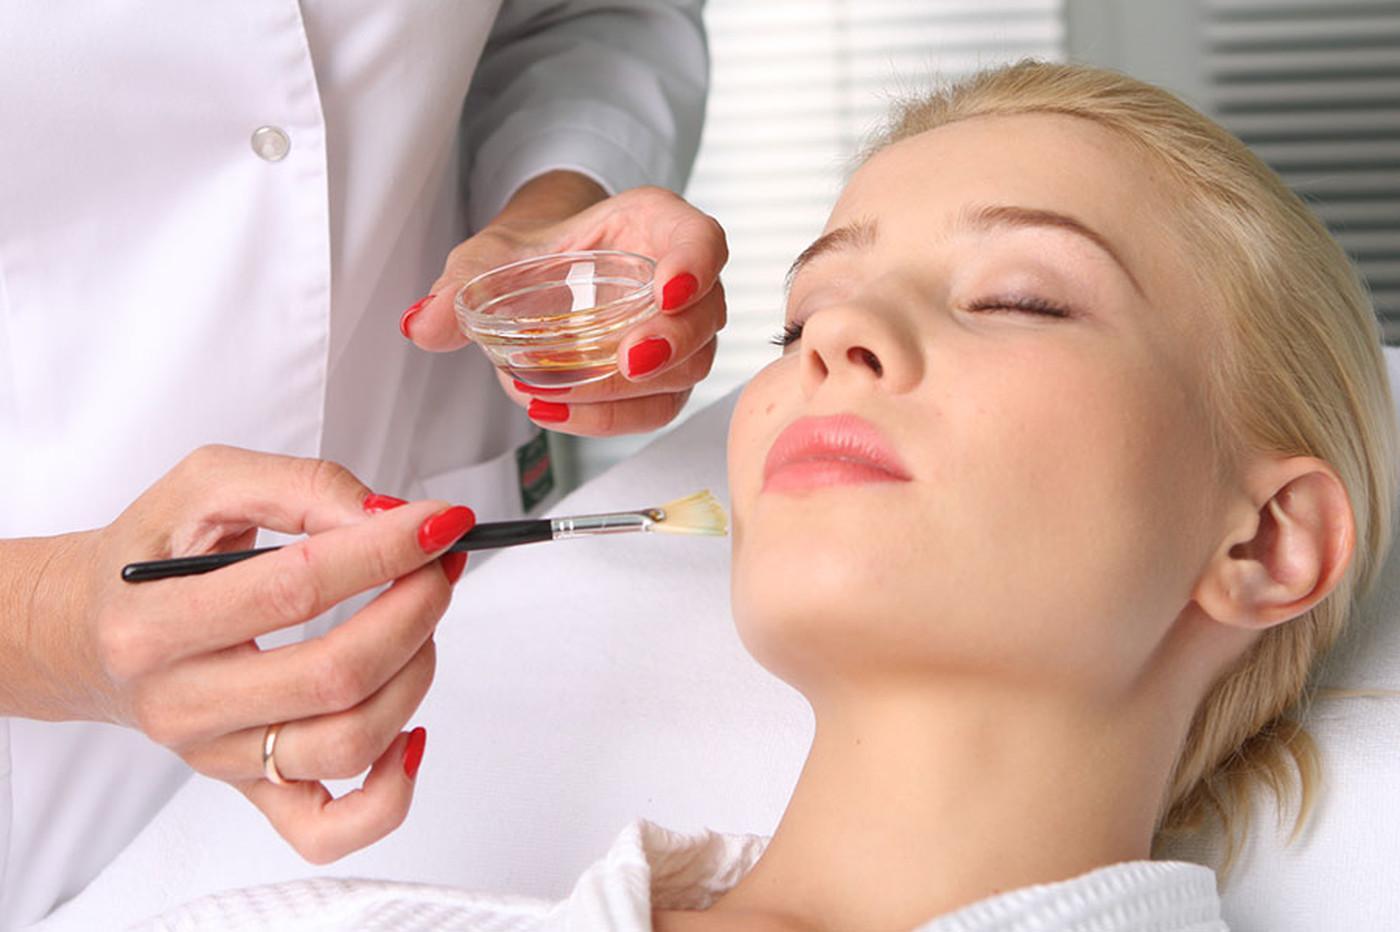 Химический пилинг сглаживает мелкие несовершенства кожи, а крупные делает менее заметными